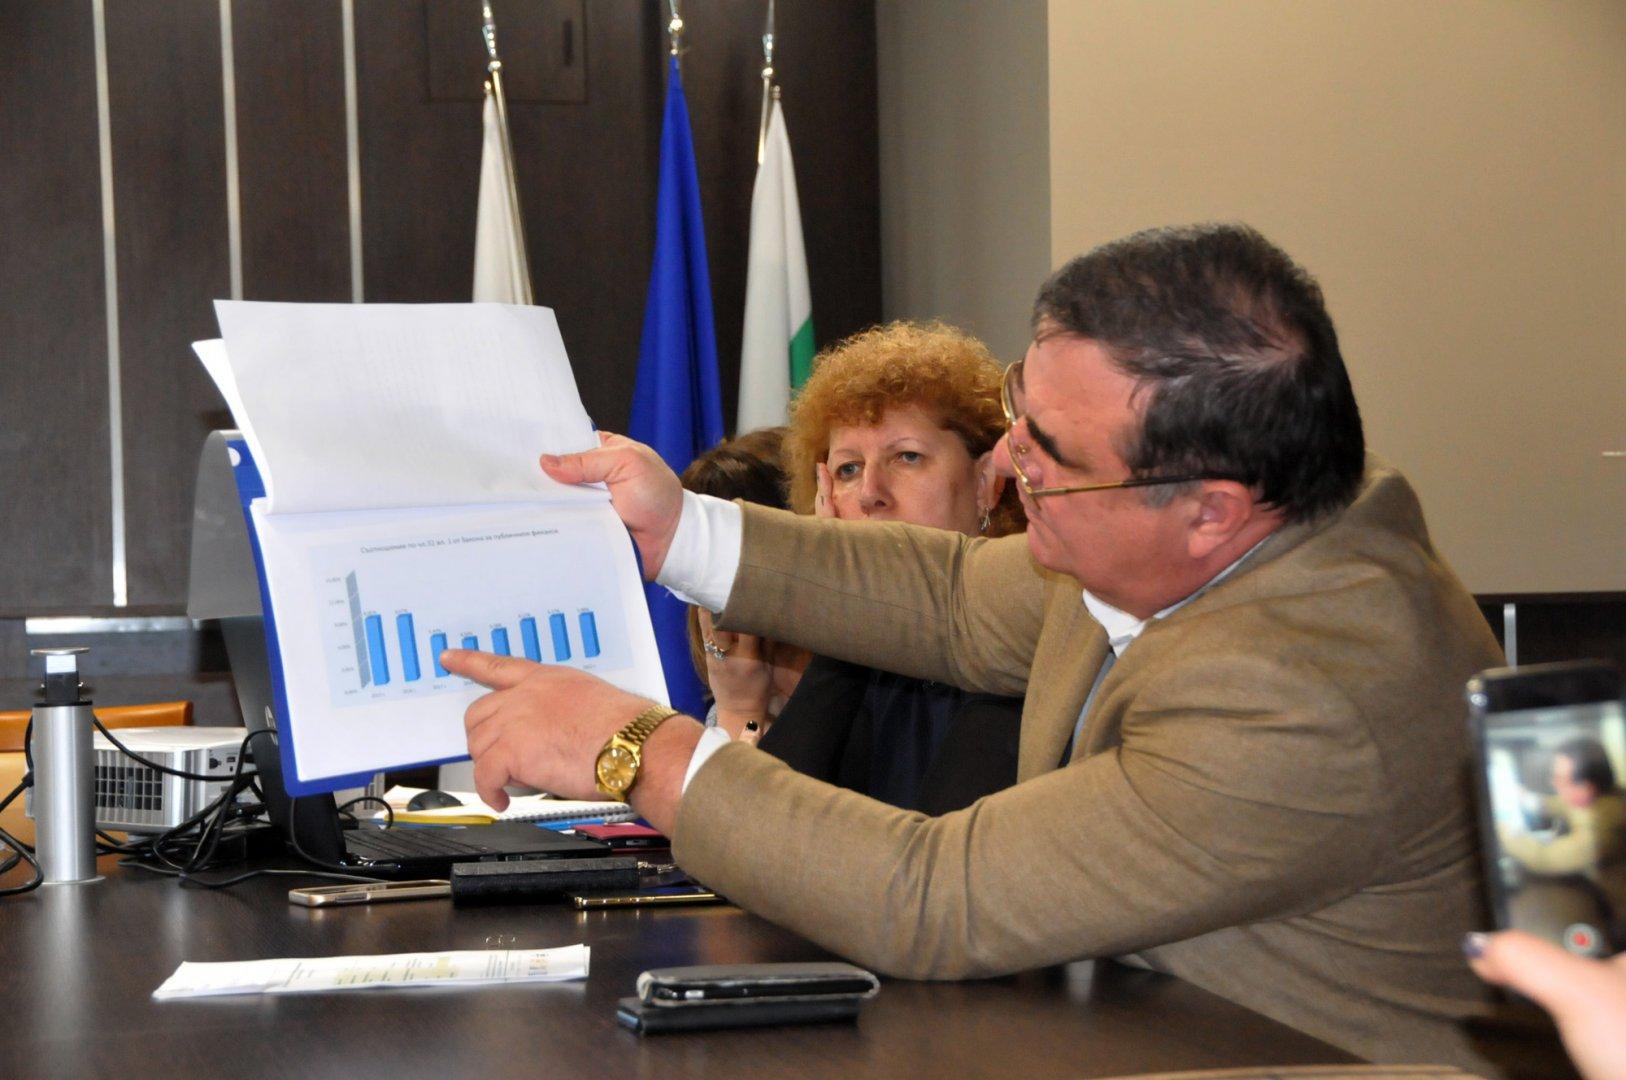 Зам.-кметът Красимир Стойчев показва икономическите показатели на Общината. Снимки Лина Главинова